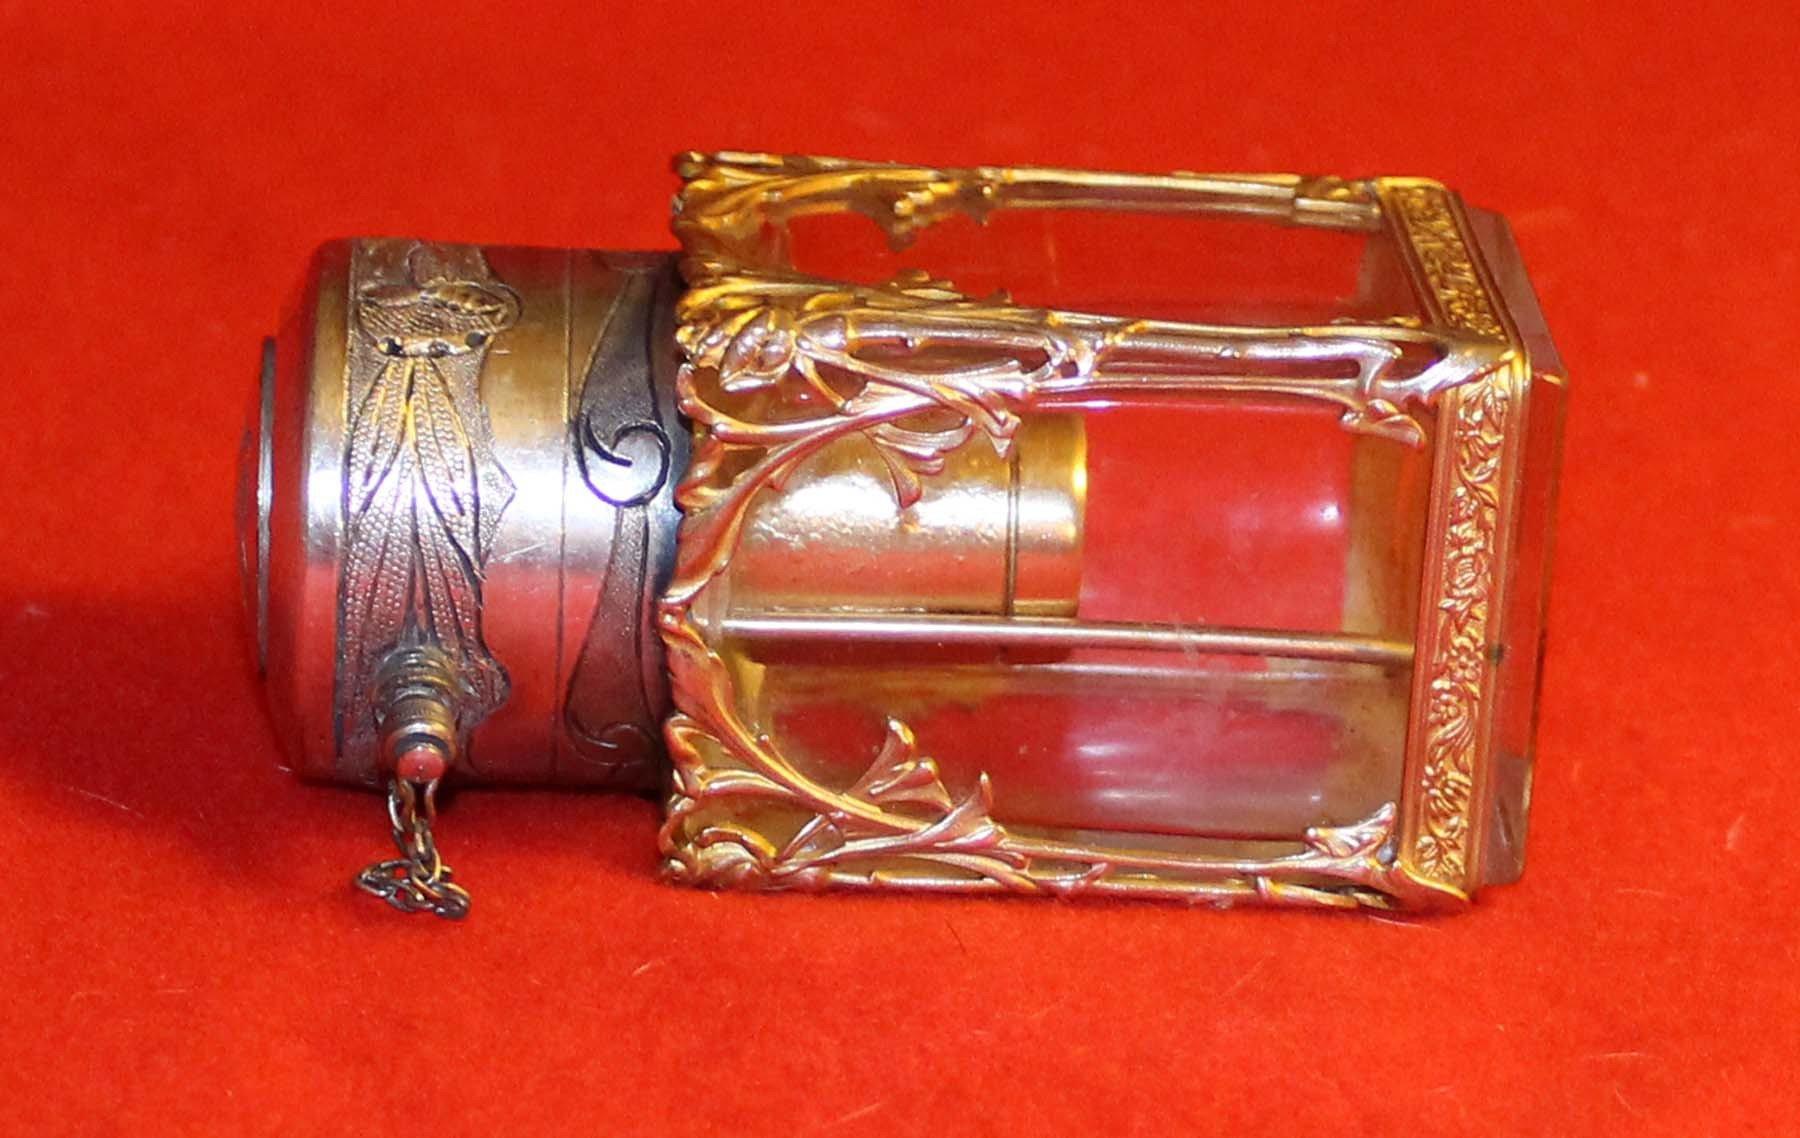 galerie-bosetti-antiquites, vaporisateur art nouveau,position allongée